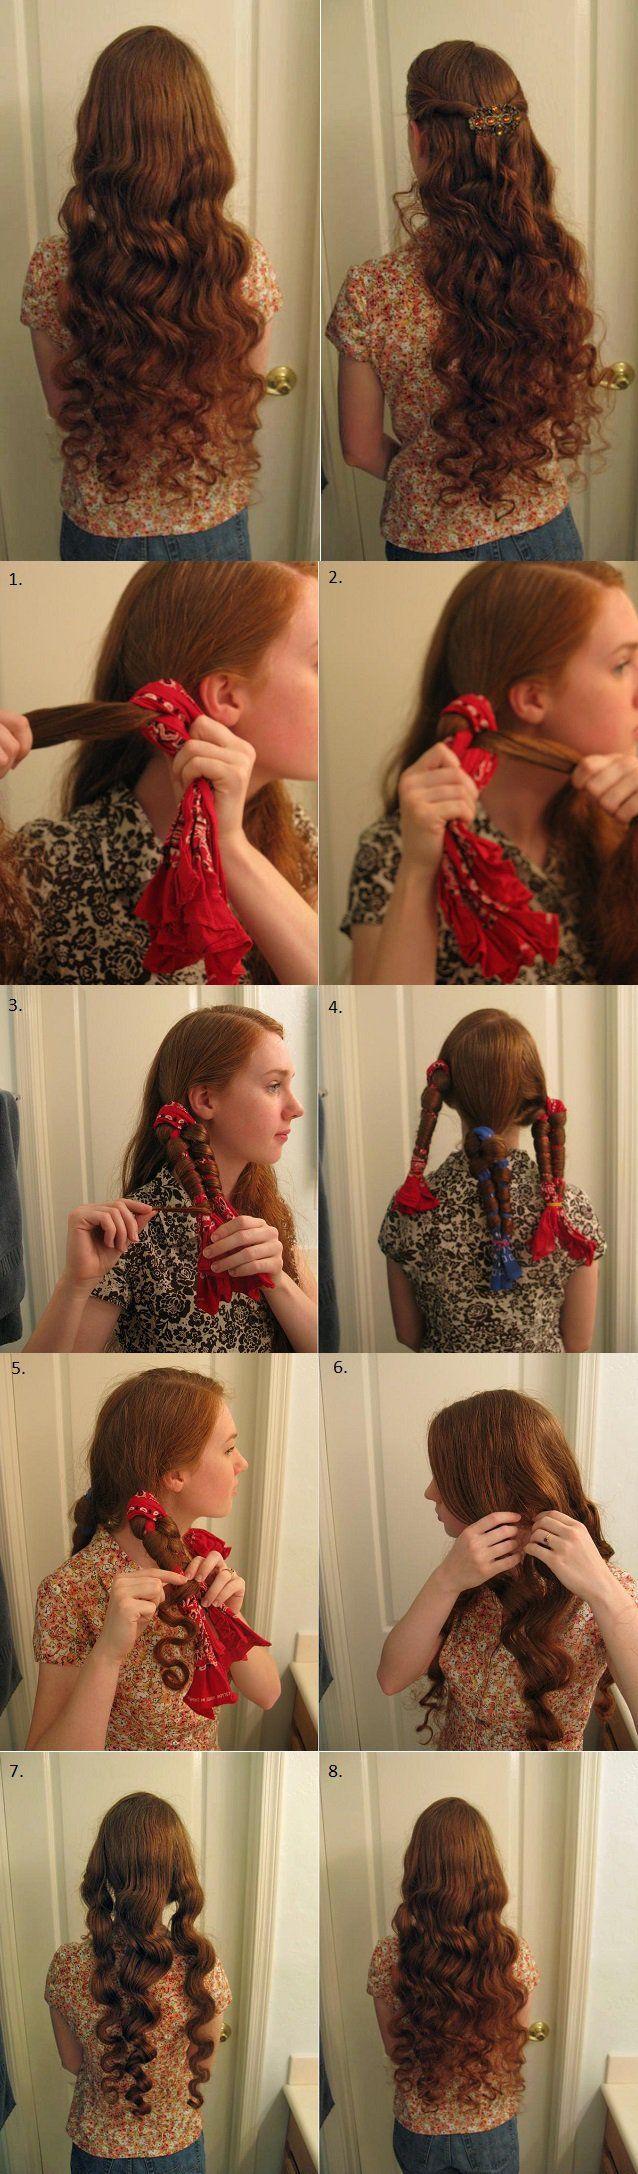 Как можно сделать себе кудряшки на волосах 130